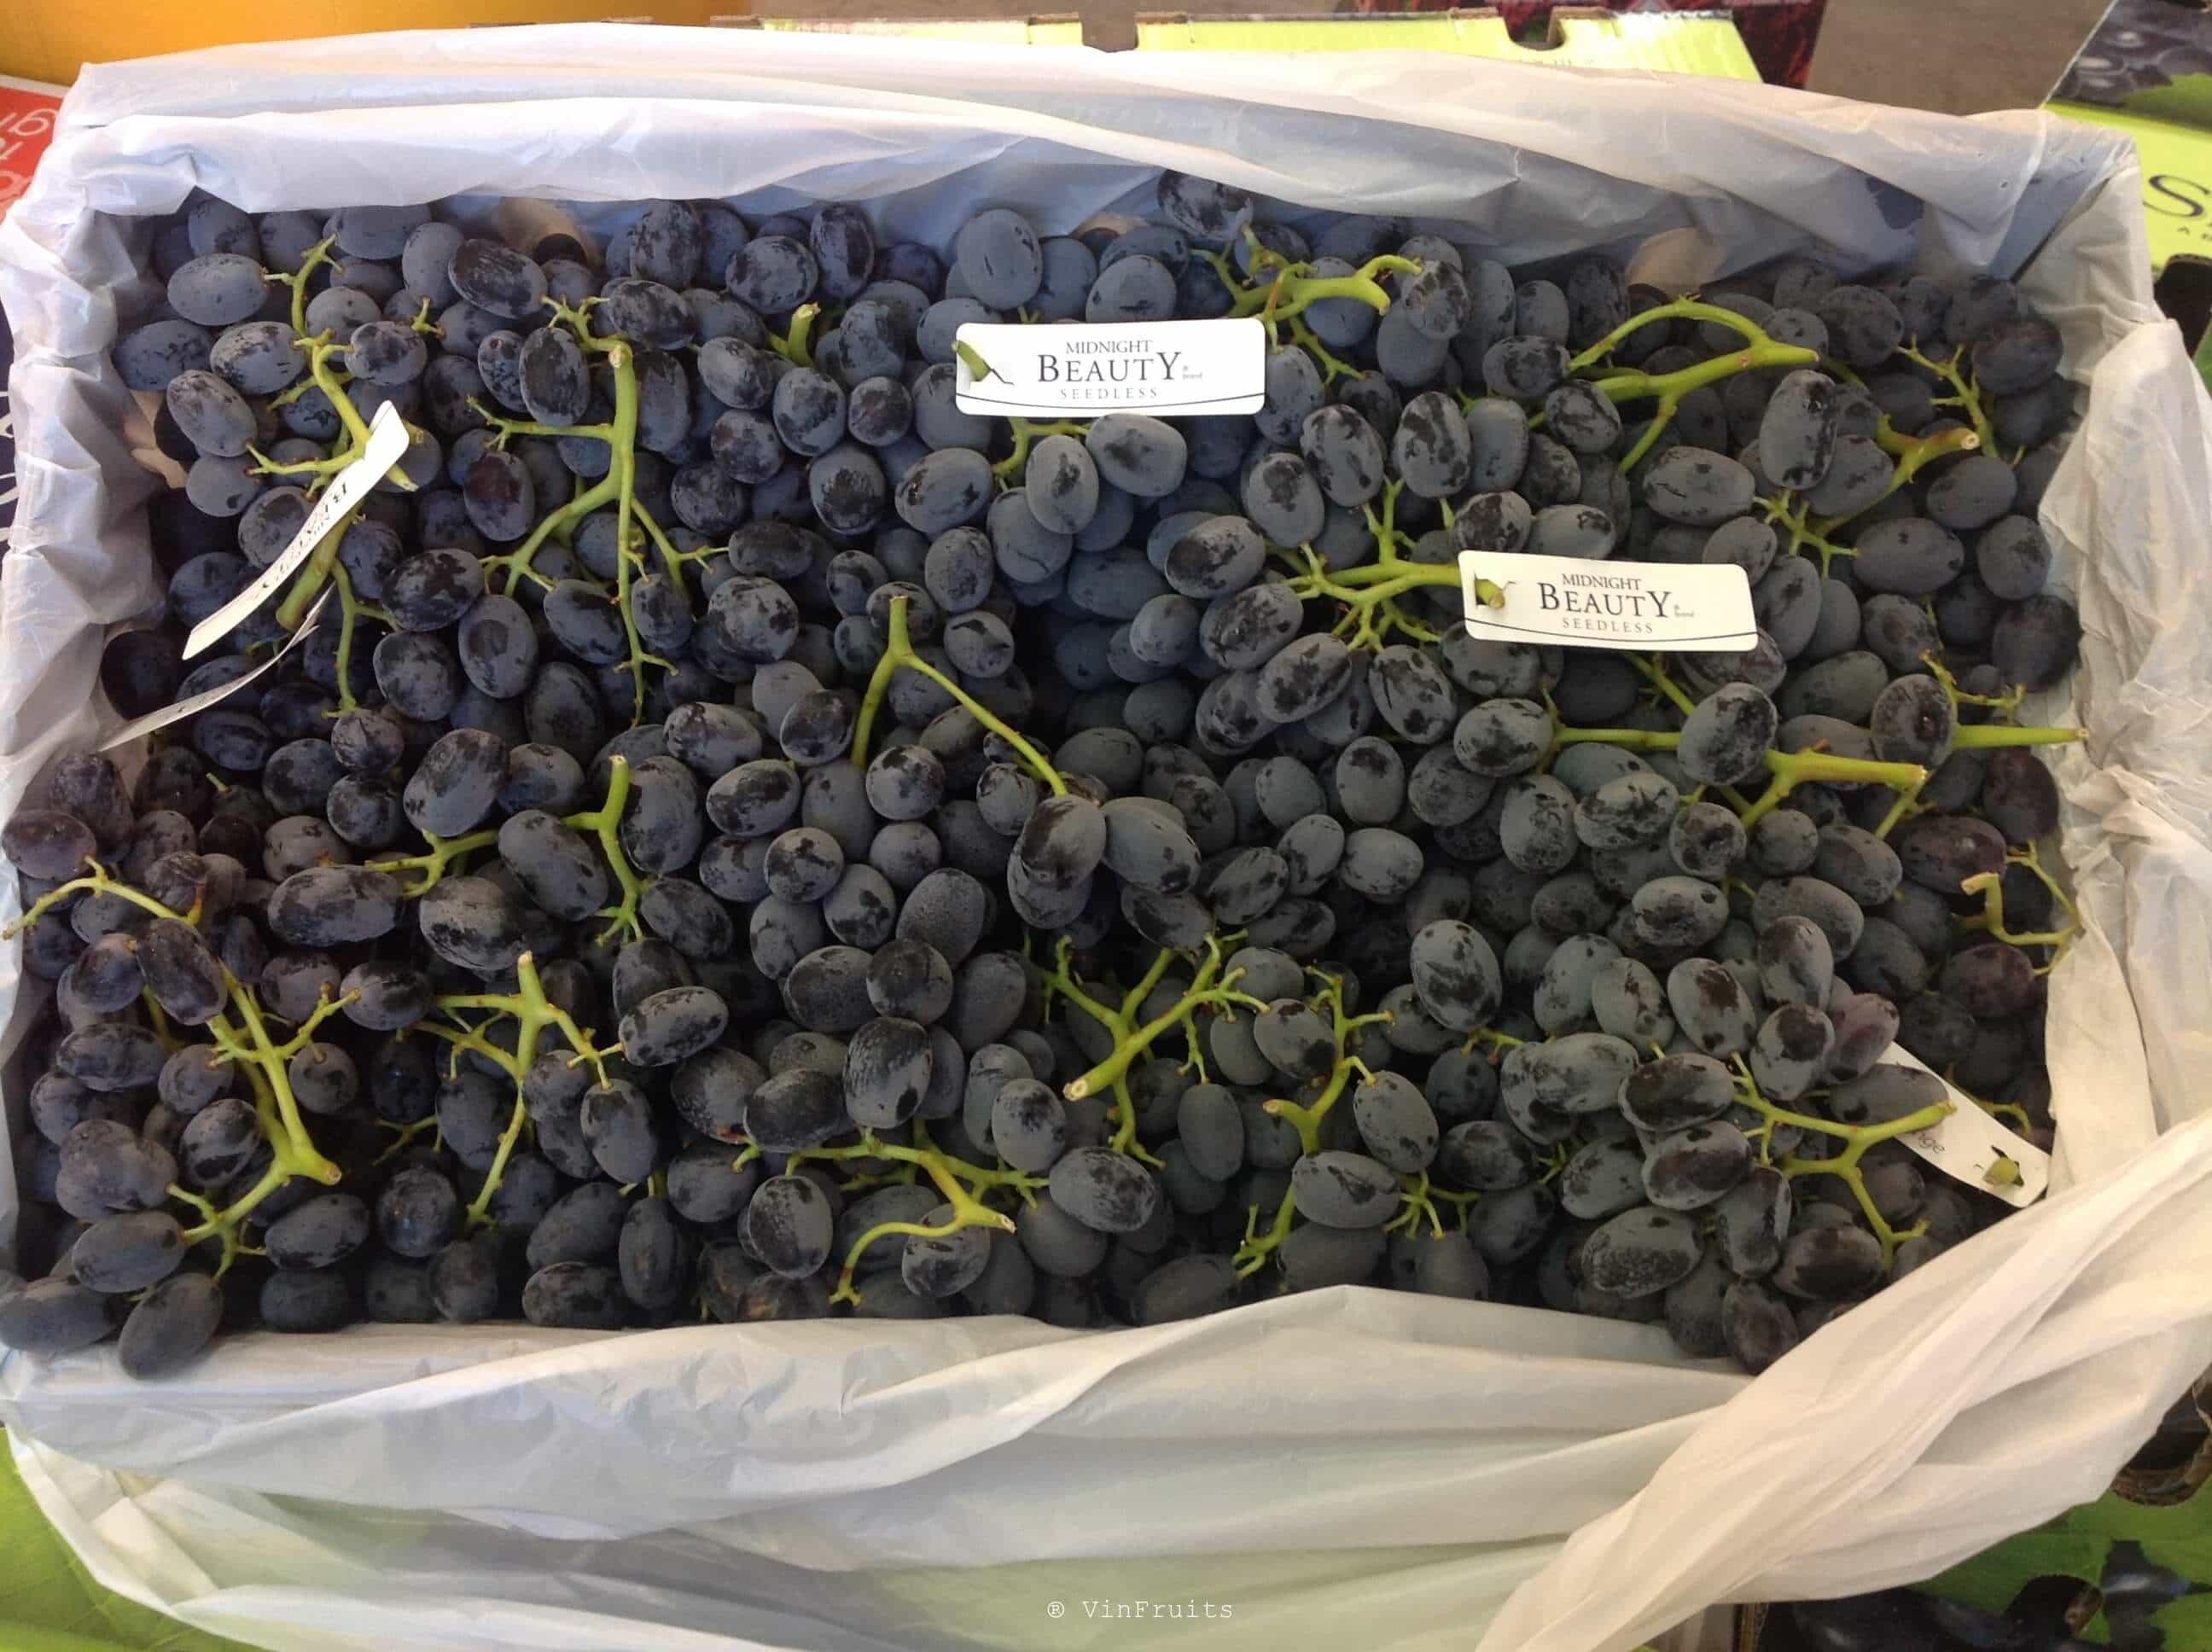 Nho đen không hạt - Black Grape Mỹ - VinFruits